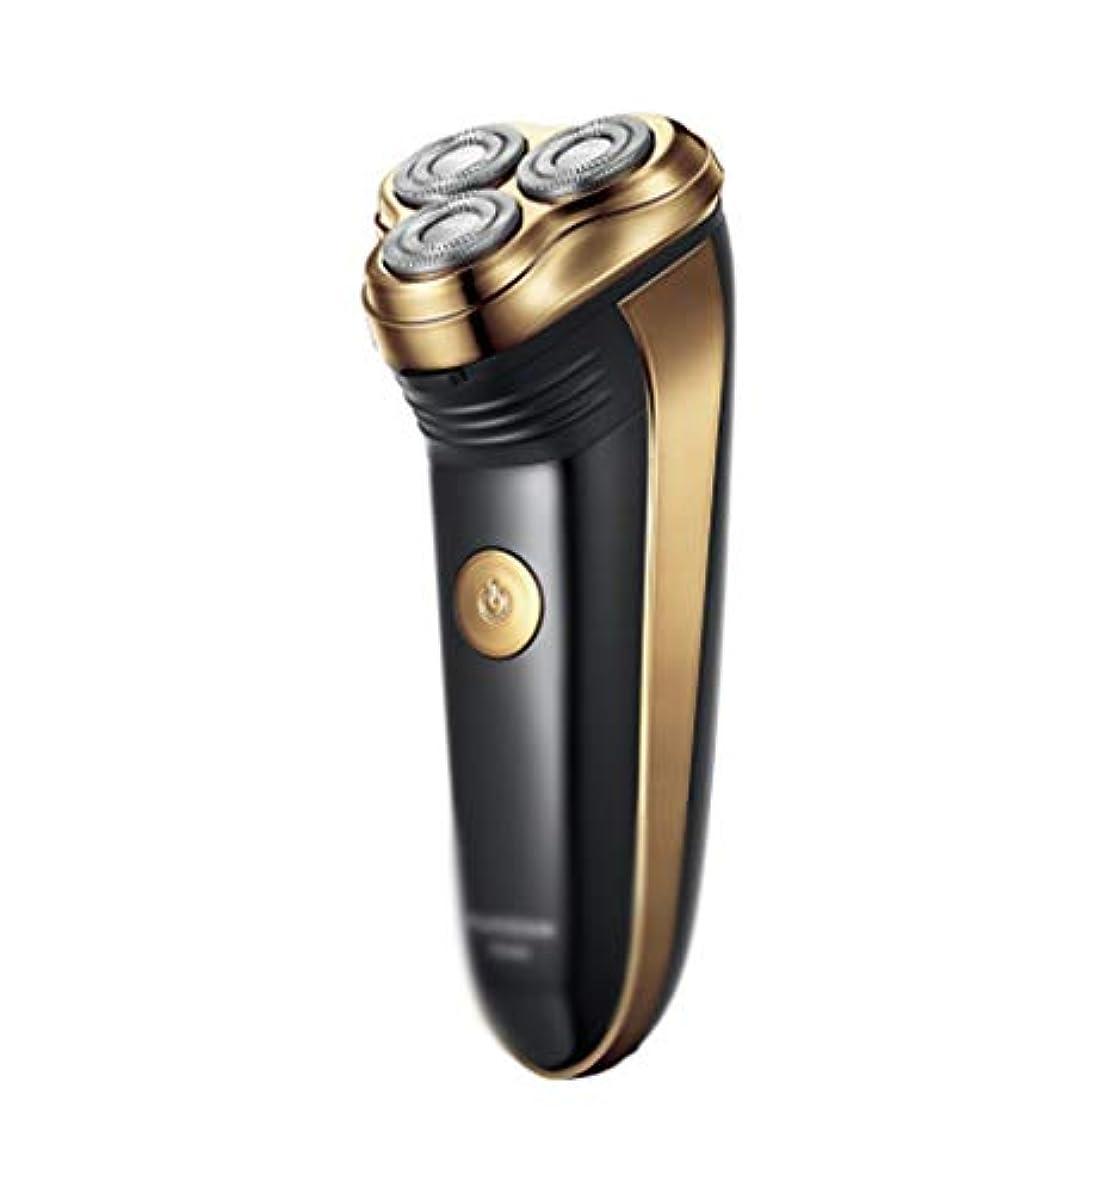 人気の雄弁家元気なNKDK - シェーバー シェーバー - ホームファッションかみそりポータブル回転性格カミソリ電気絶妙なと耐久性 - シェーバー